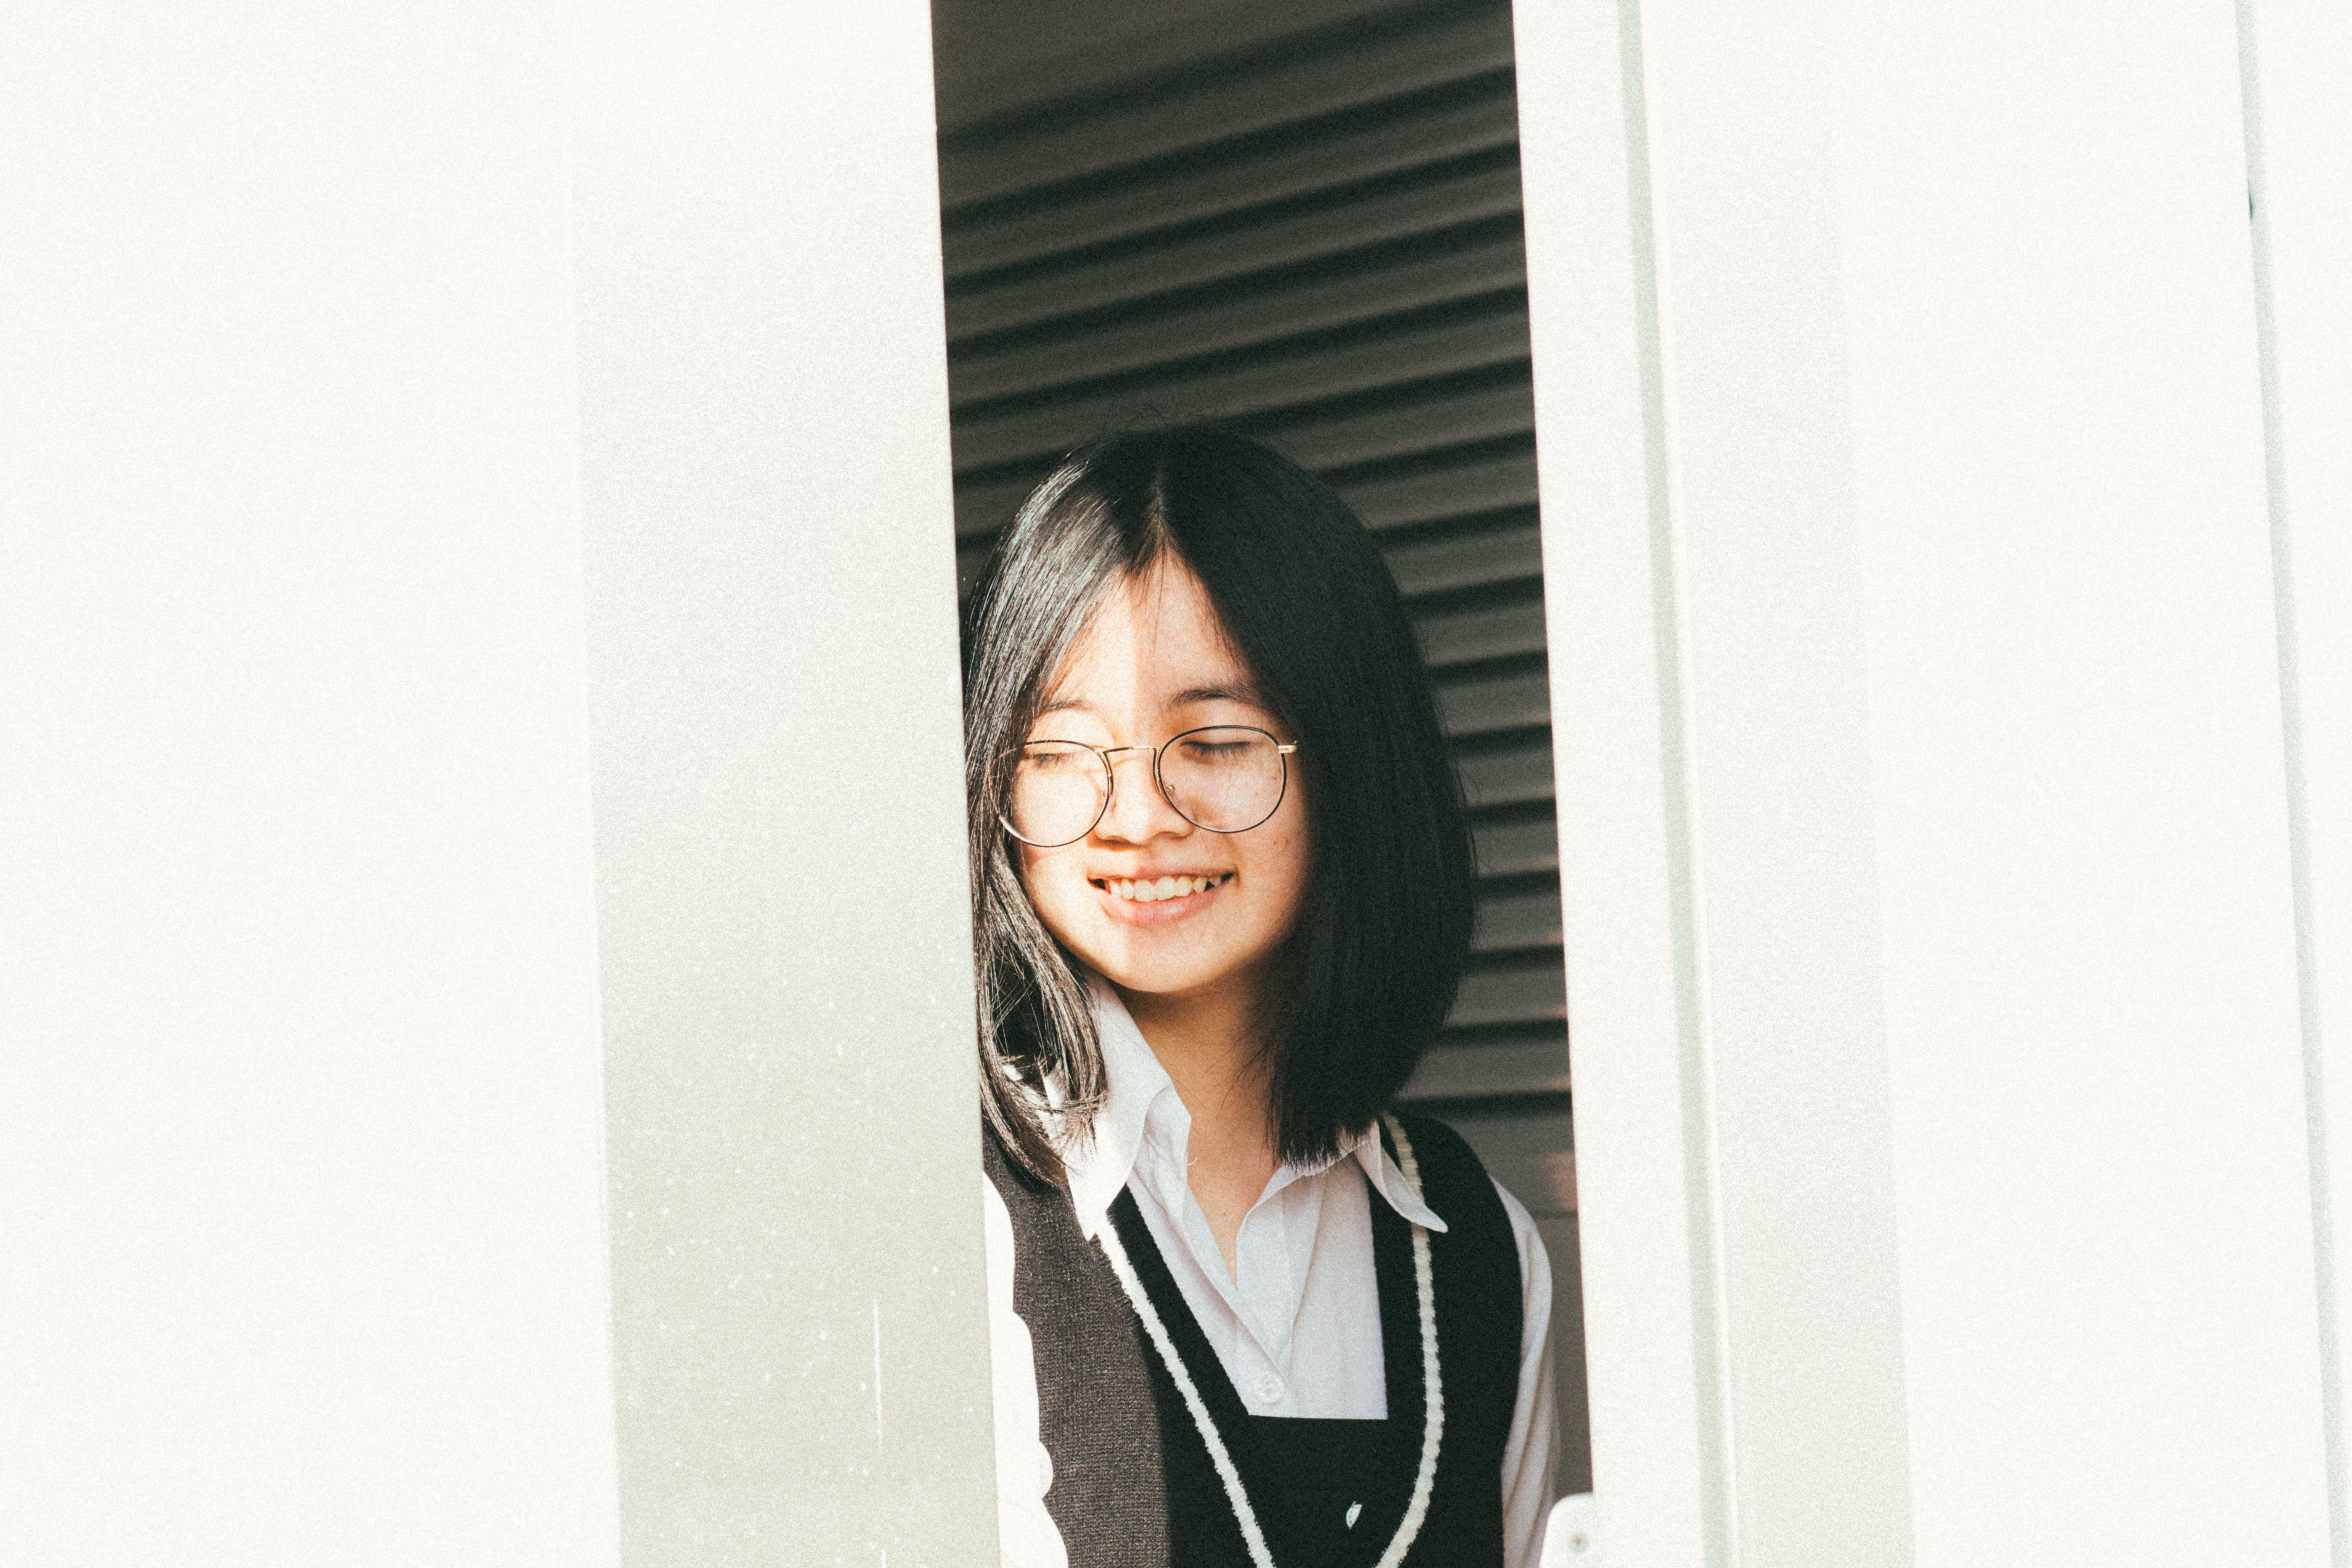 Gratis lagerfoto af ansigtsudtryk, asiatisk kvinde, attraktiv, briller